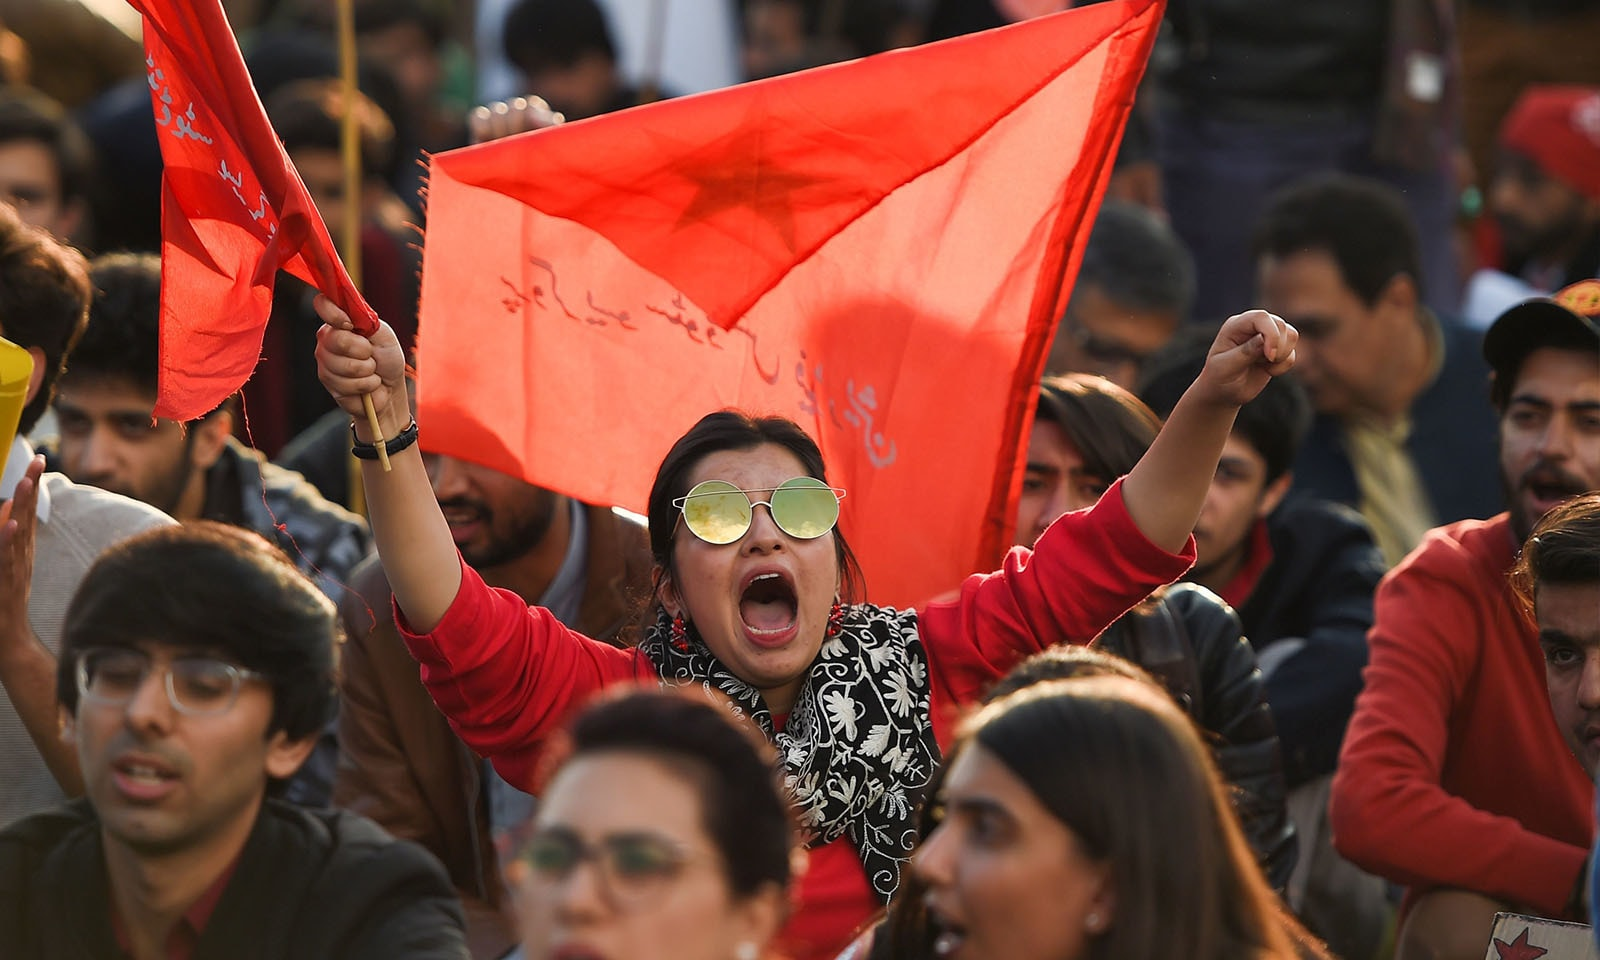 طالب علموں کو سہولیات فراہم کرنے کے لیے اسلام آباد میں مظاہرے کیے گئے — فوٹو: اے ایف پی